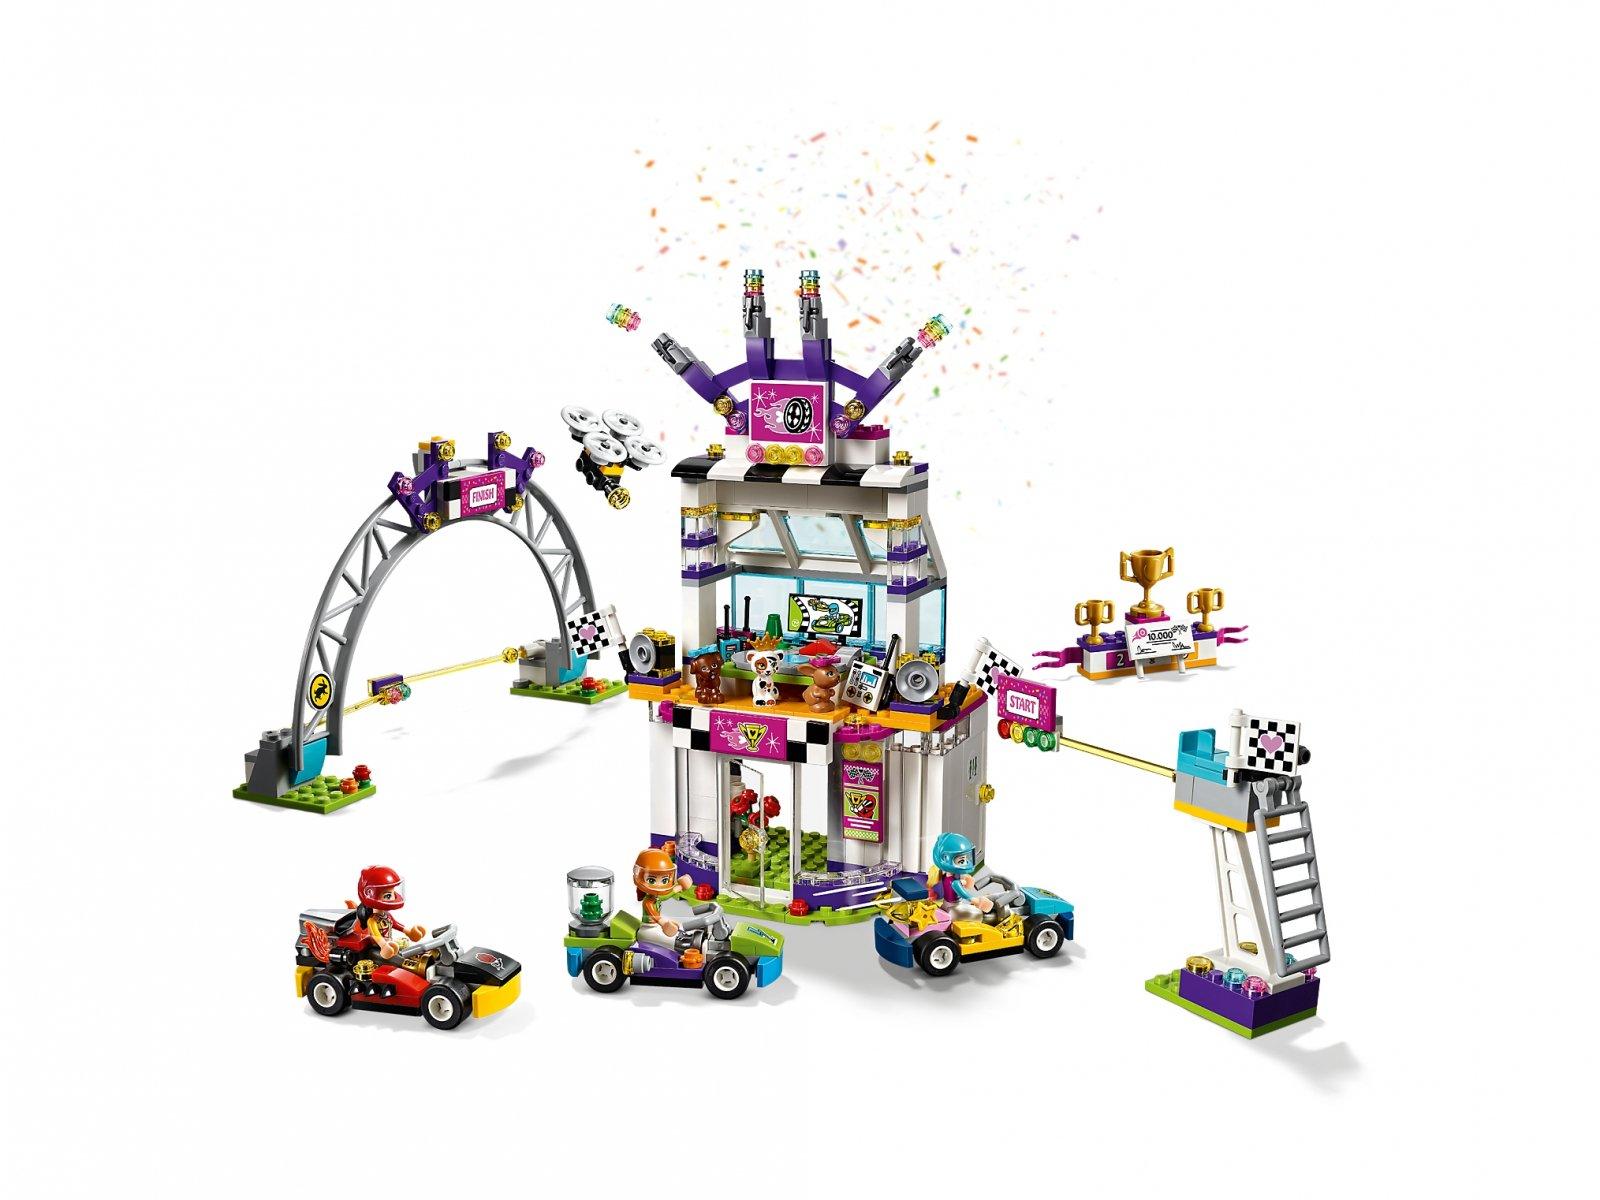 41352 Lego Friends Dzień Wielkiego Wyścigu